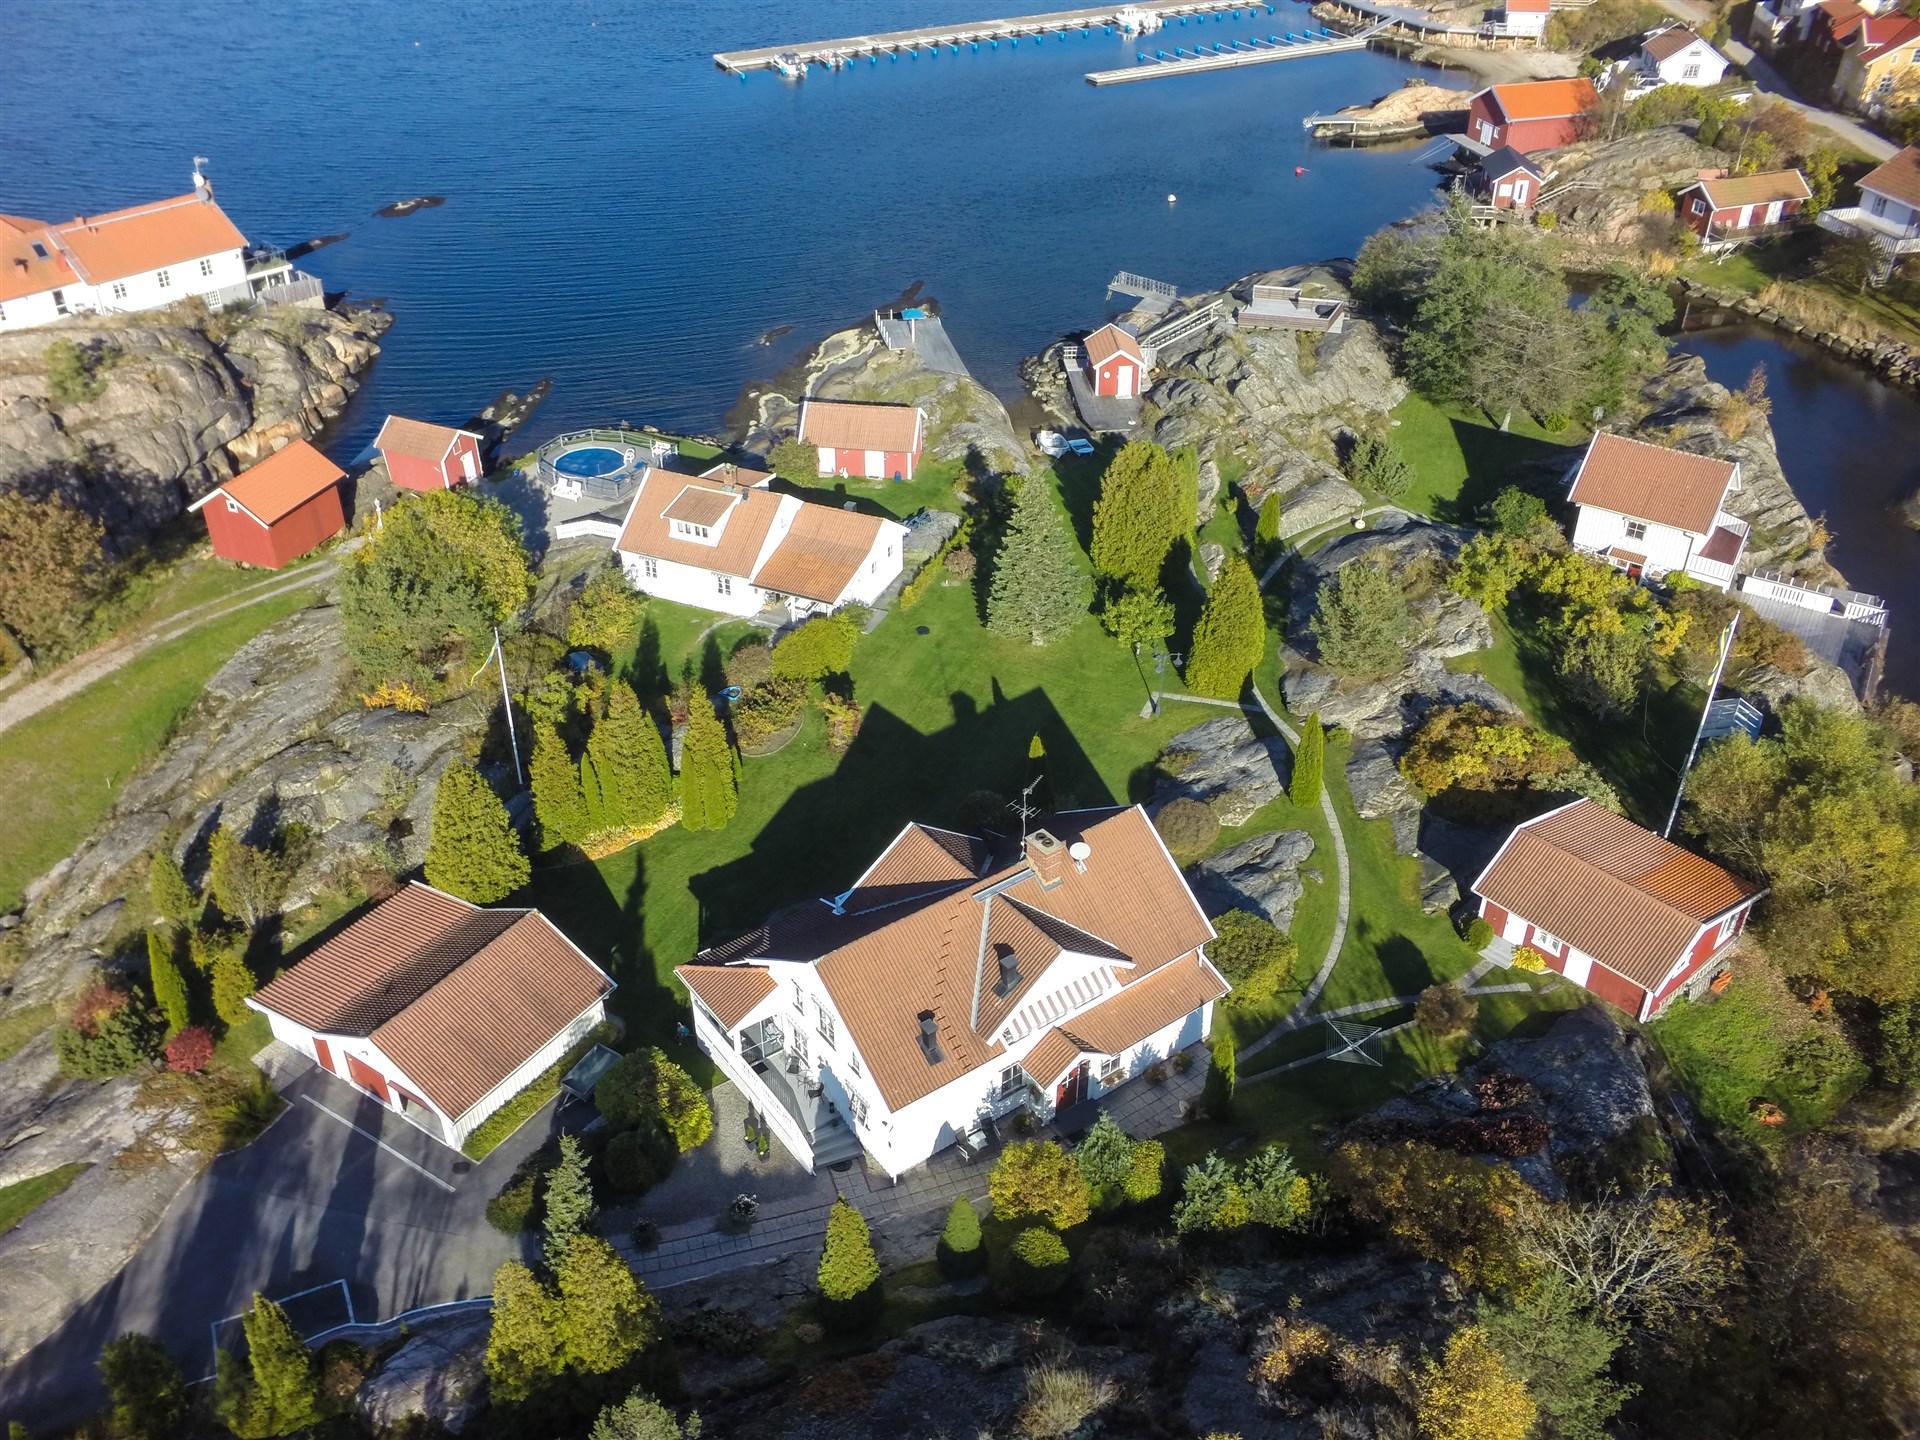 Flygbild, i Fastigheten ingår den stora villan, garaget, gäststugorna till höger, sjöbod till höger på bilden samt tillhörande mark.